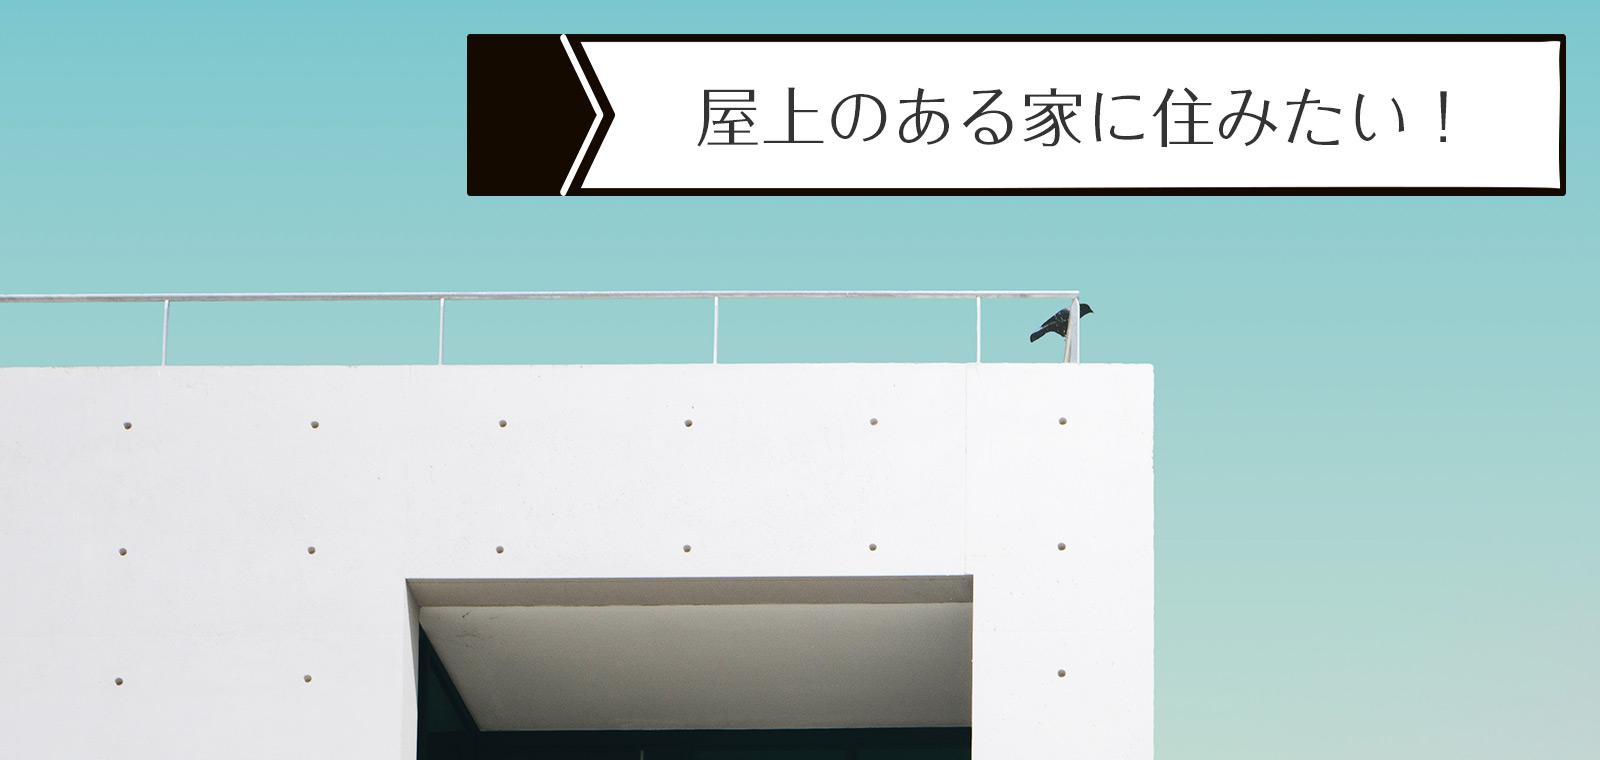 屋上(ルーフバルコニー)のある家に住みたい!何ができるの?防水やメンテナンスなど気をつける点。